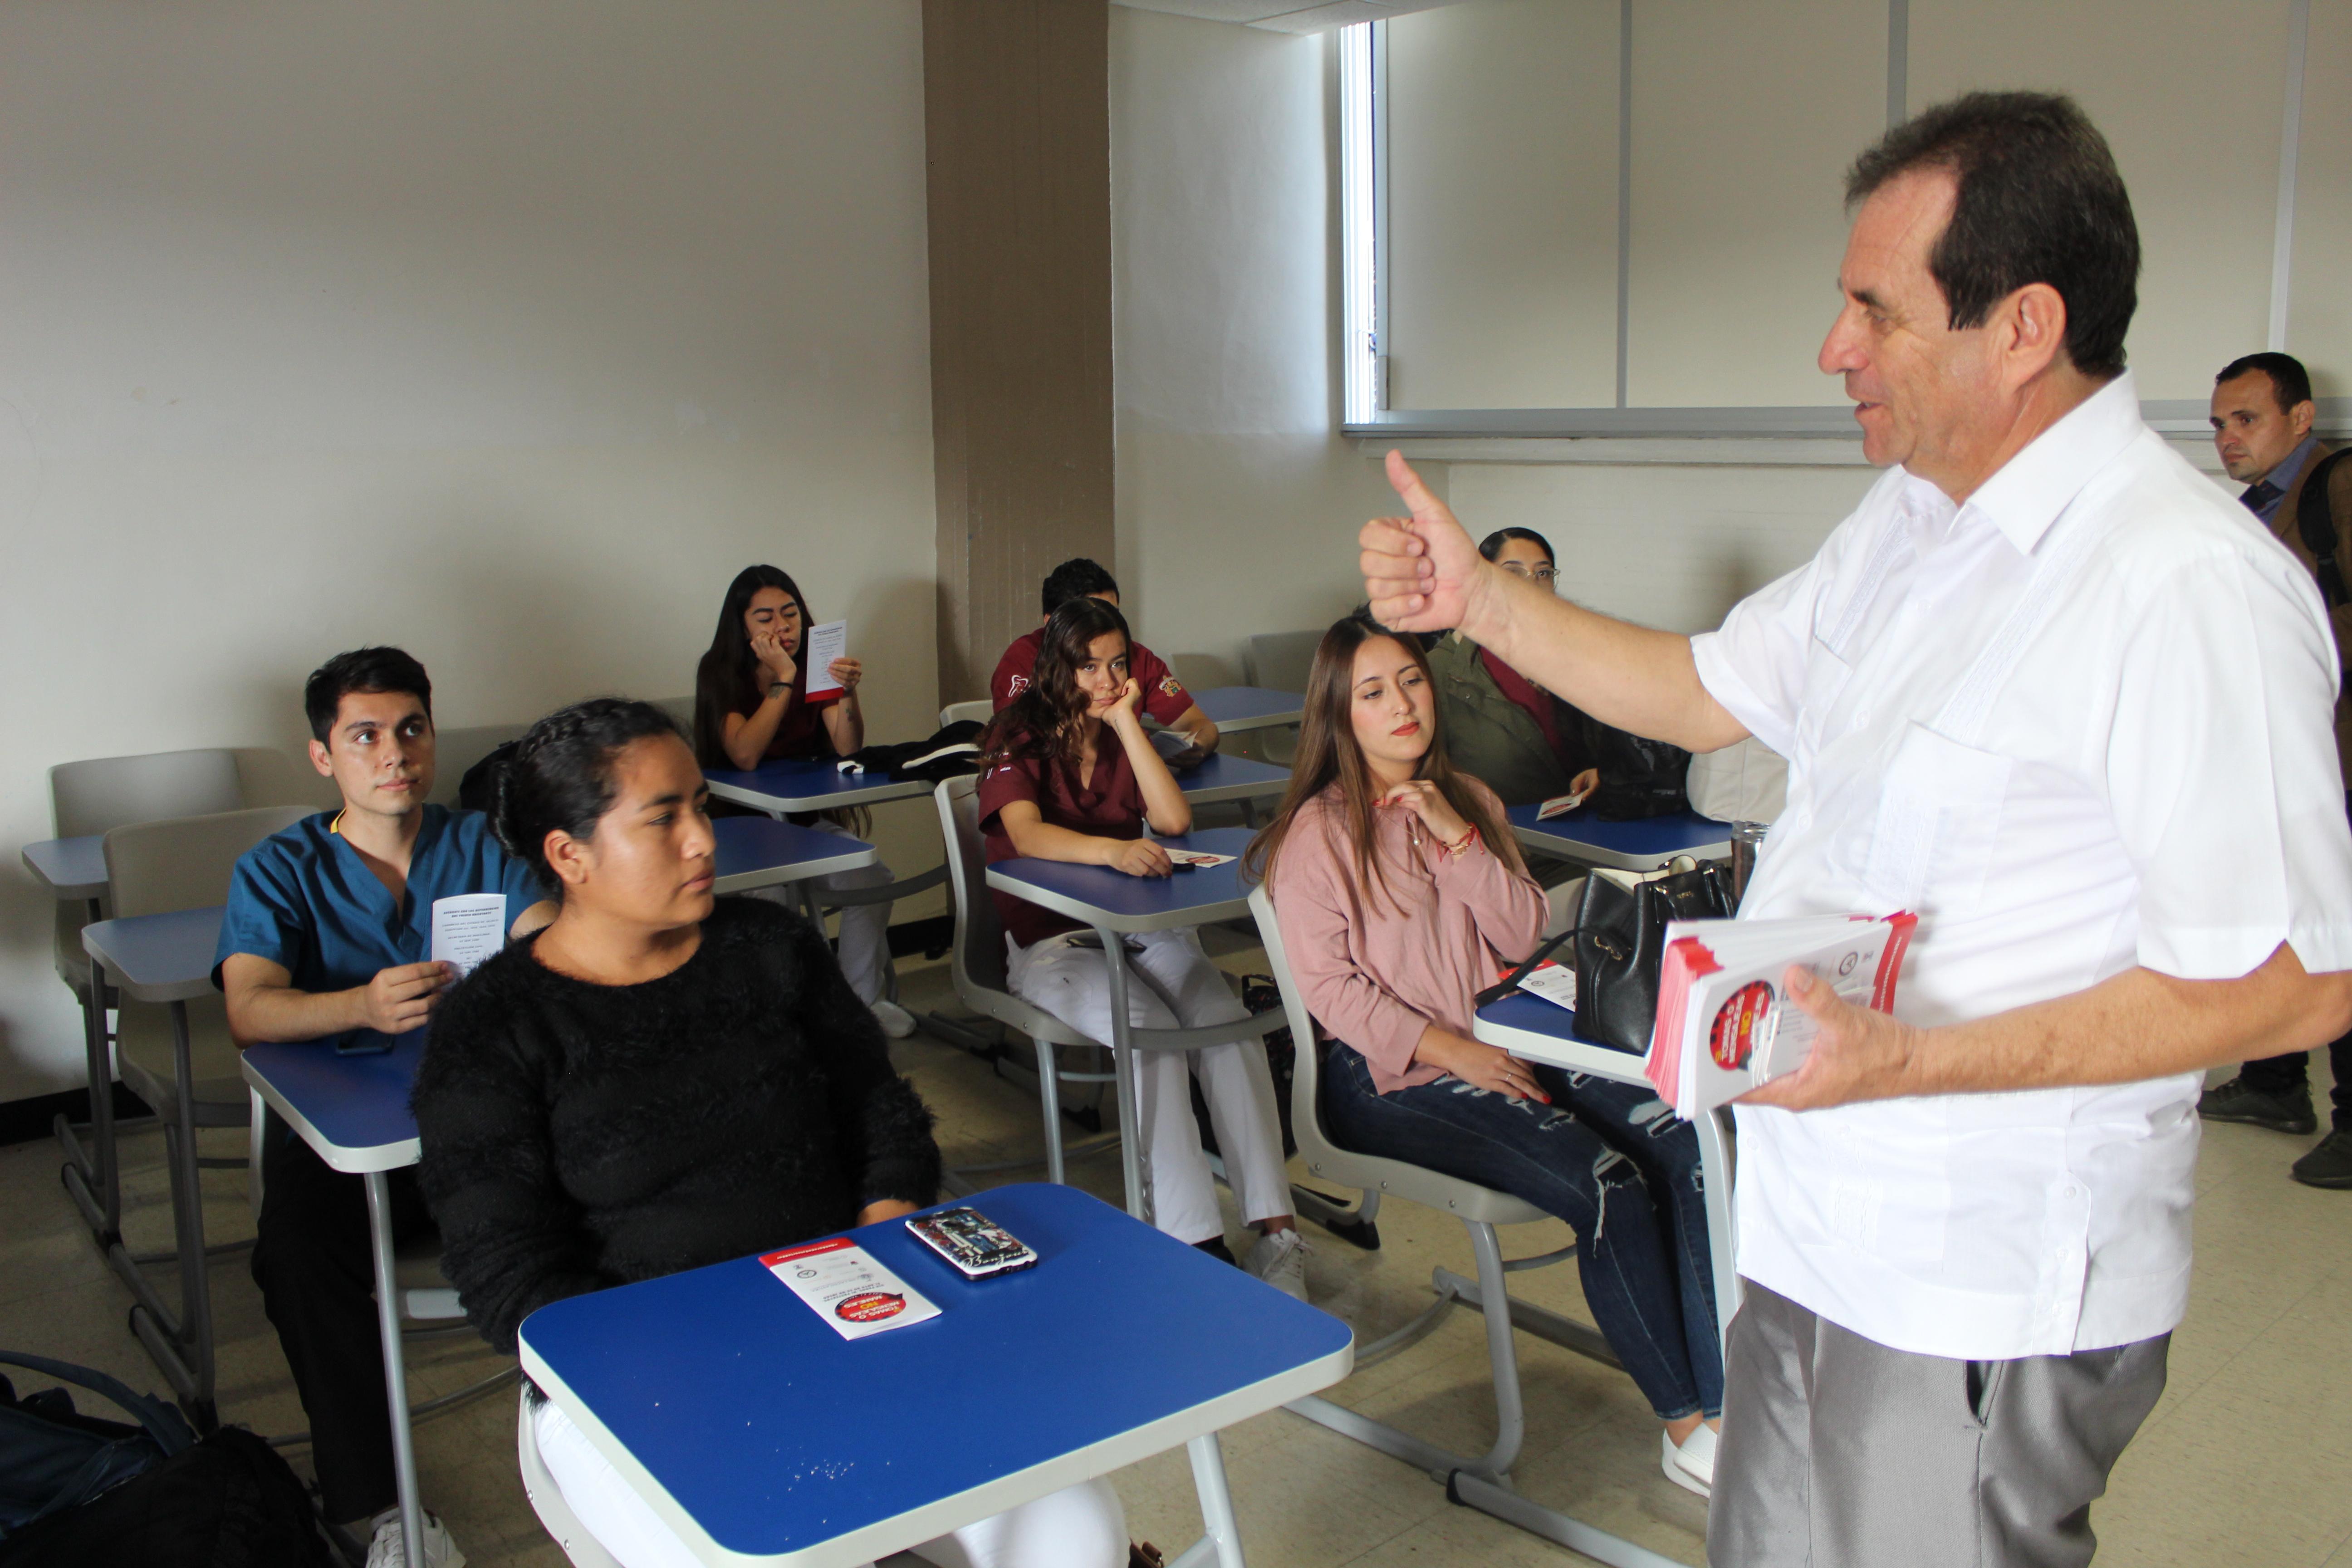 Diputado en salón de clases hablando de su campaña